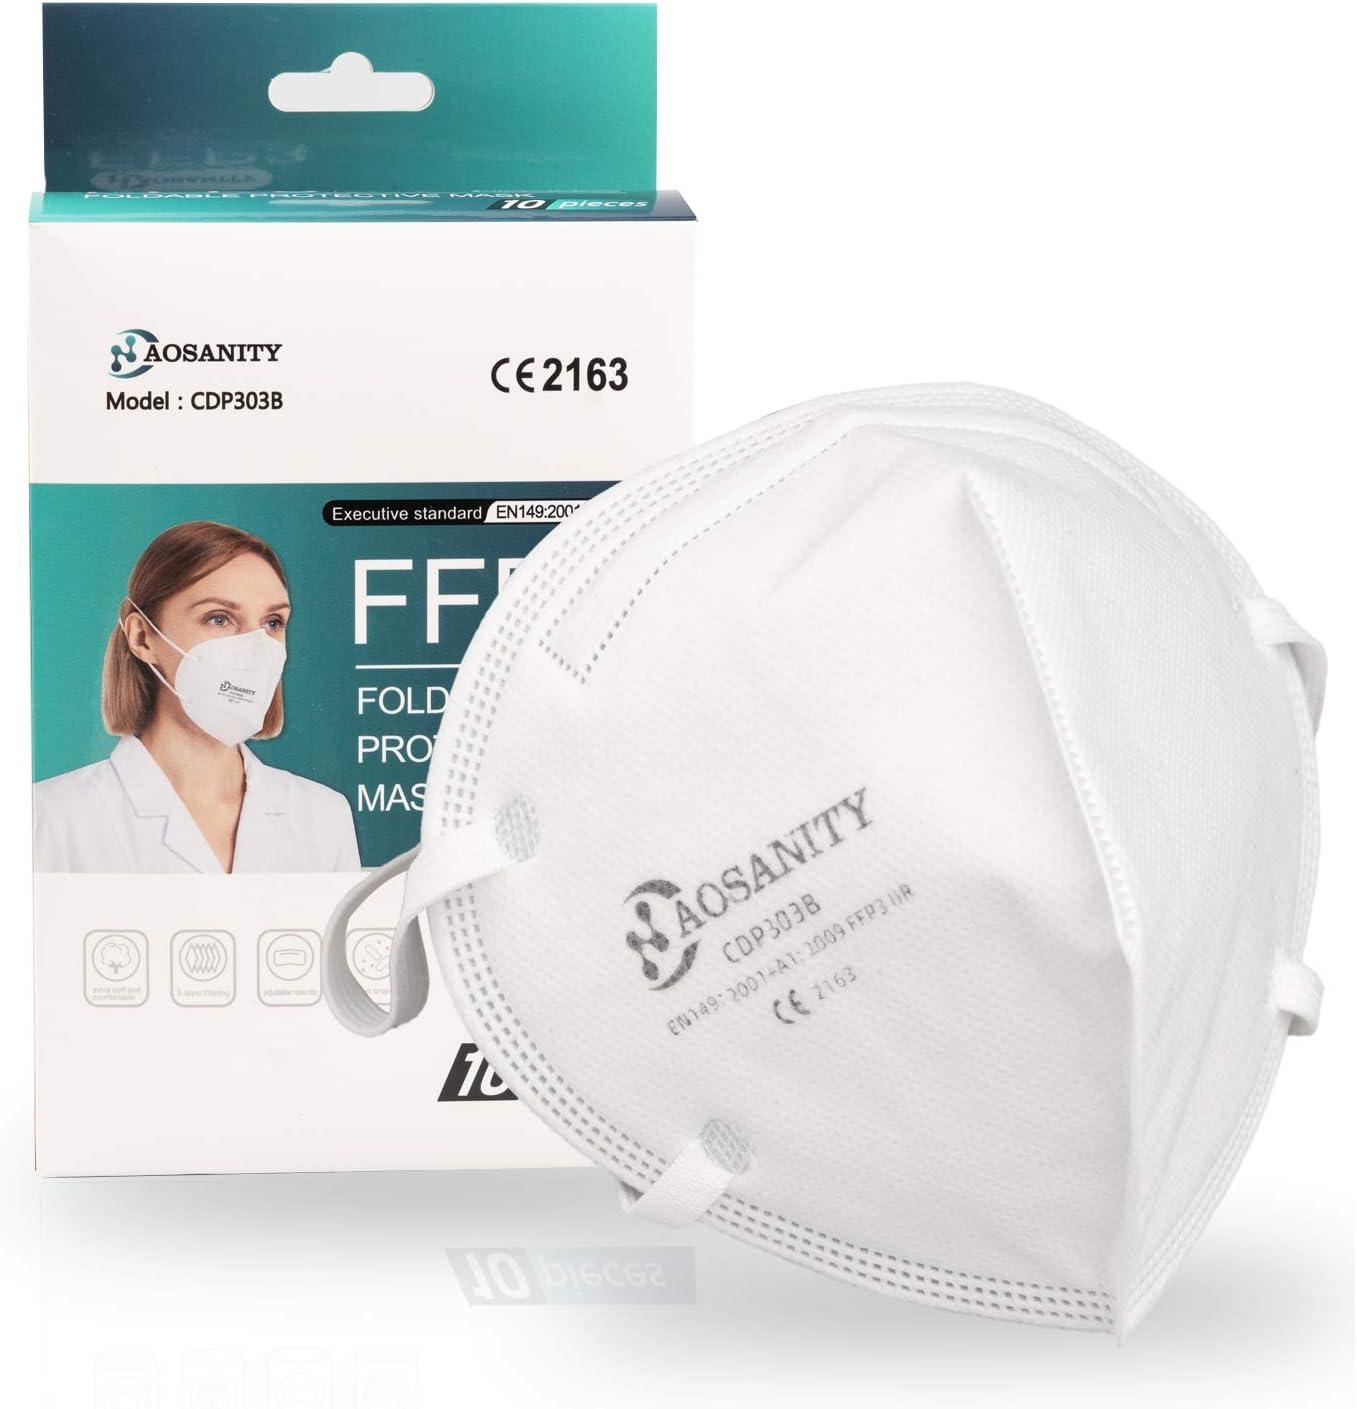 FFP3 mascarilla de protección de la Salud mascarilla Protectora mascarilla, mascarilla de protección respiratoria de 4 Capas, mascarilla para Adultos protección Facial Boca-Nariz con Tela